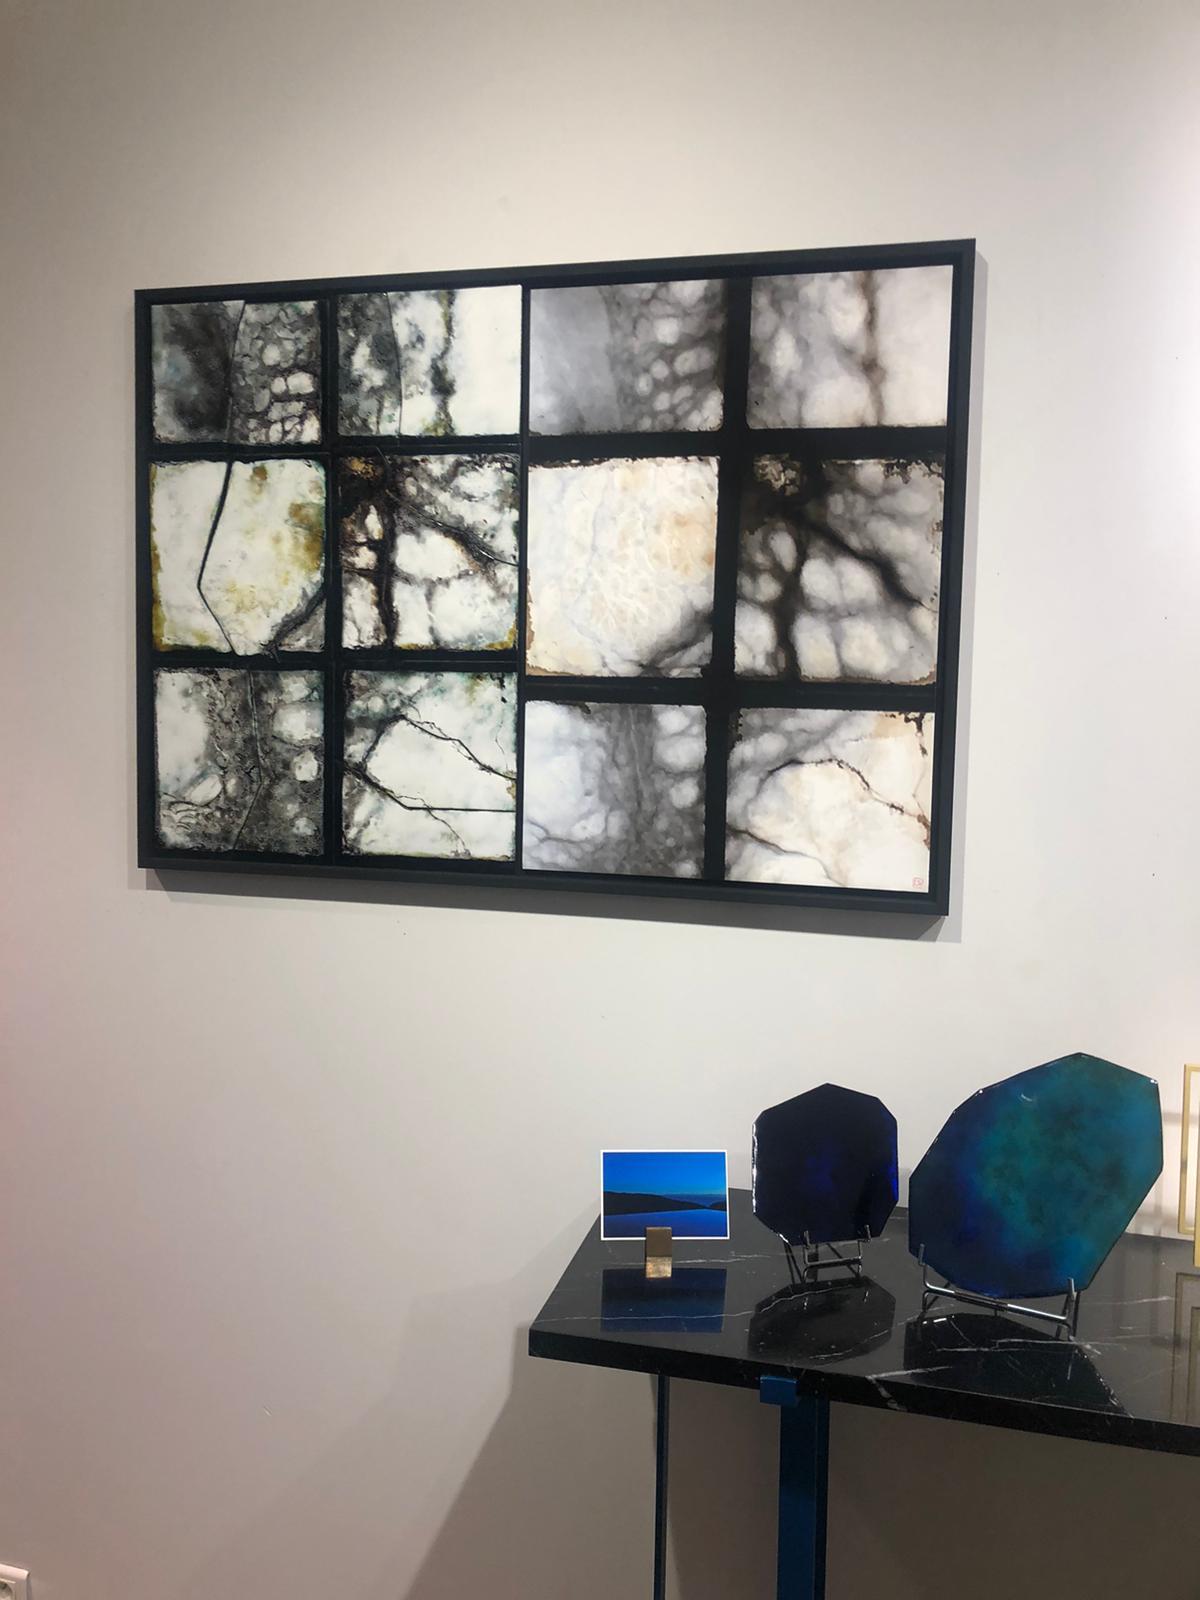 Exposition Dialogue à la galerie - tableau La fenêtre avec à gauche la version émaillée et à droite la photo .